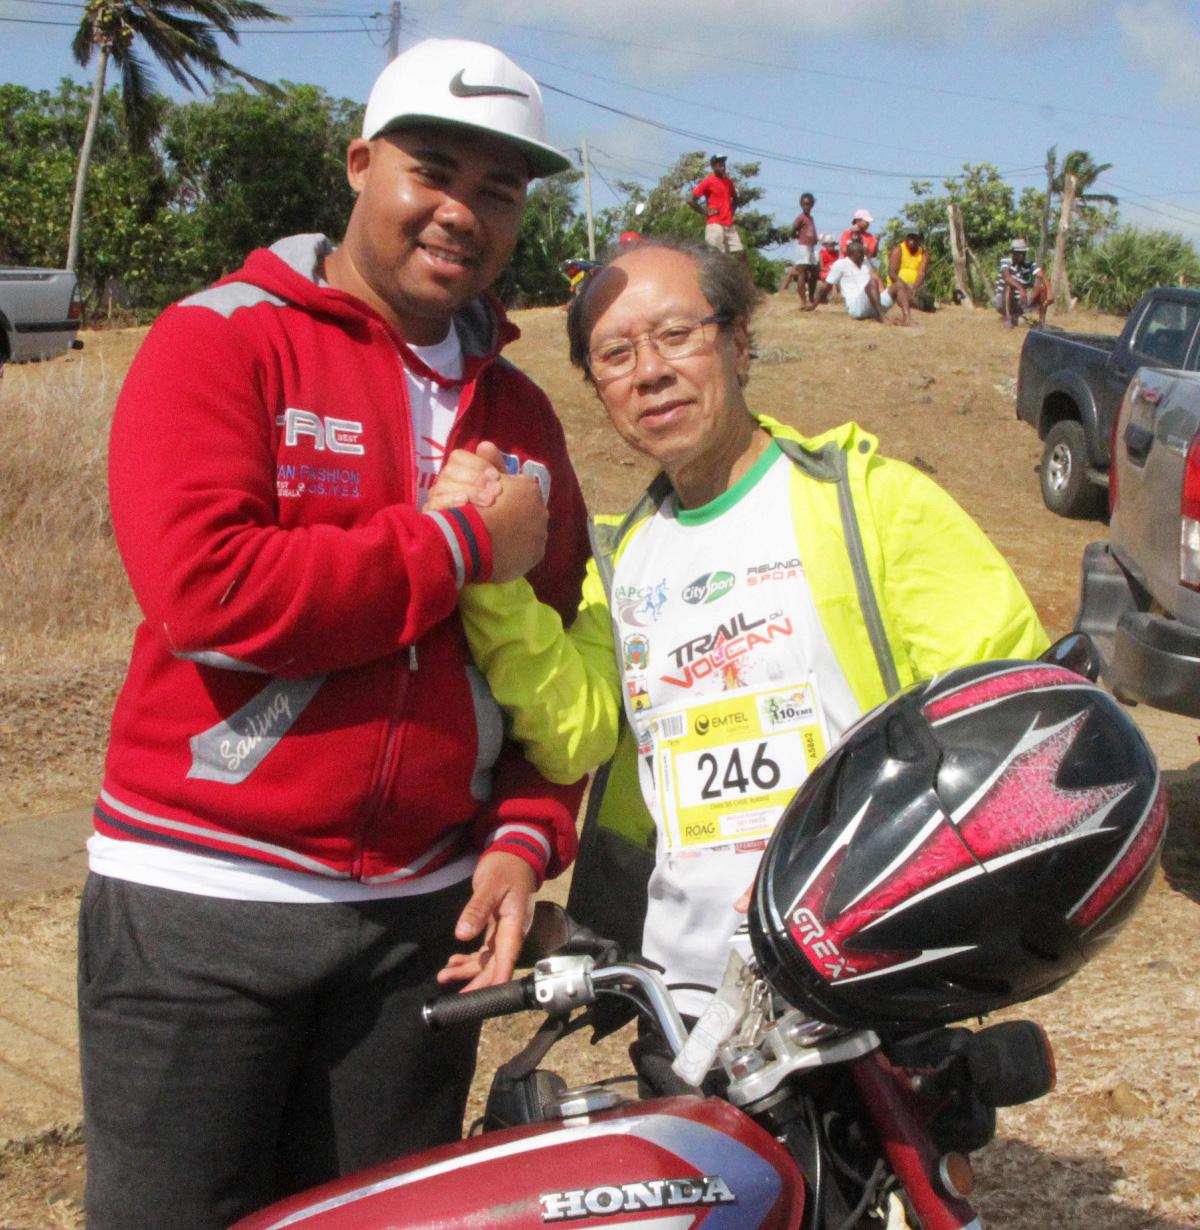 Julio de l'association des Motards de Rodrigues, a permis à notre reporter-photographe de suivre les différentes courses à moto. Merci Julio